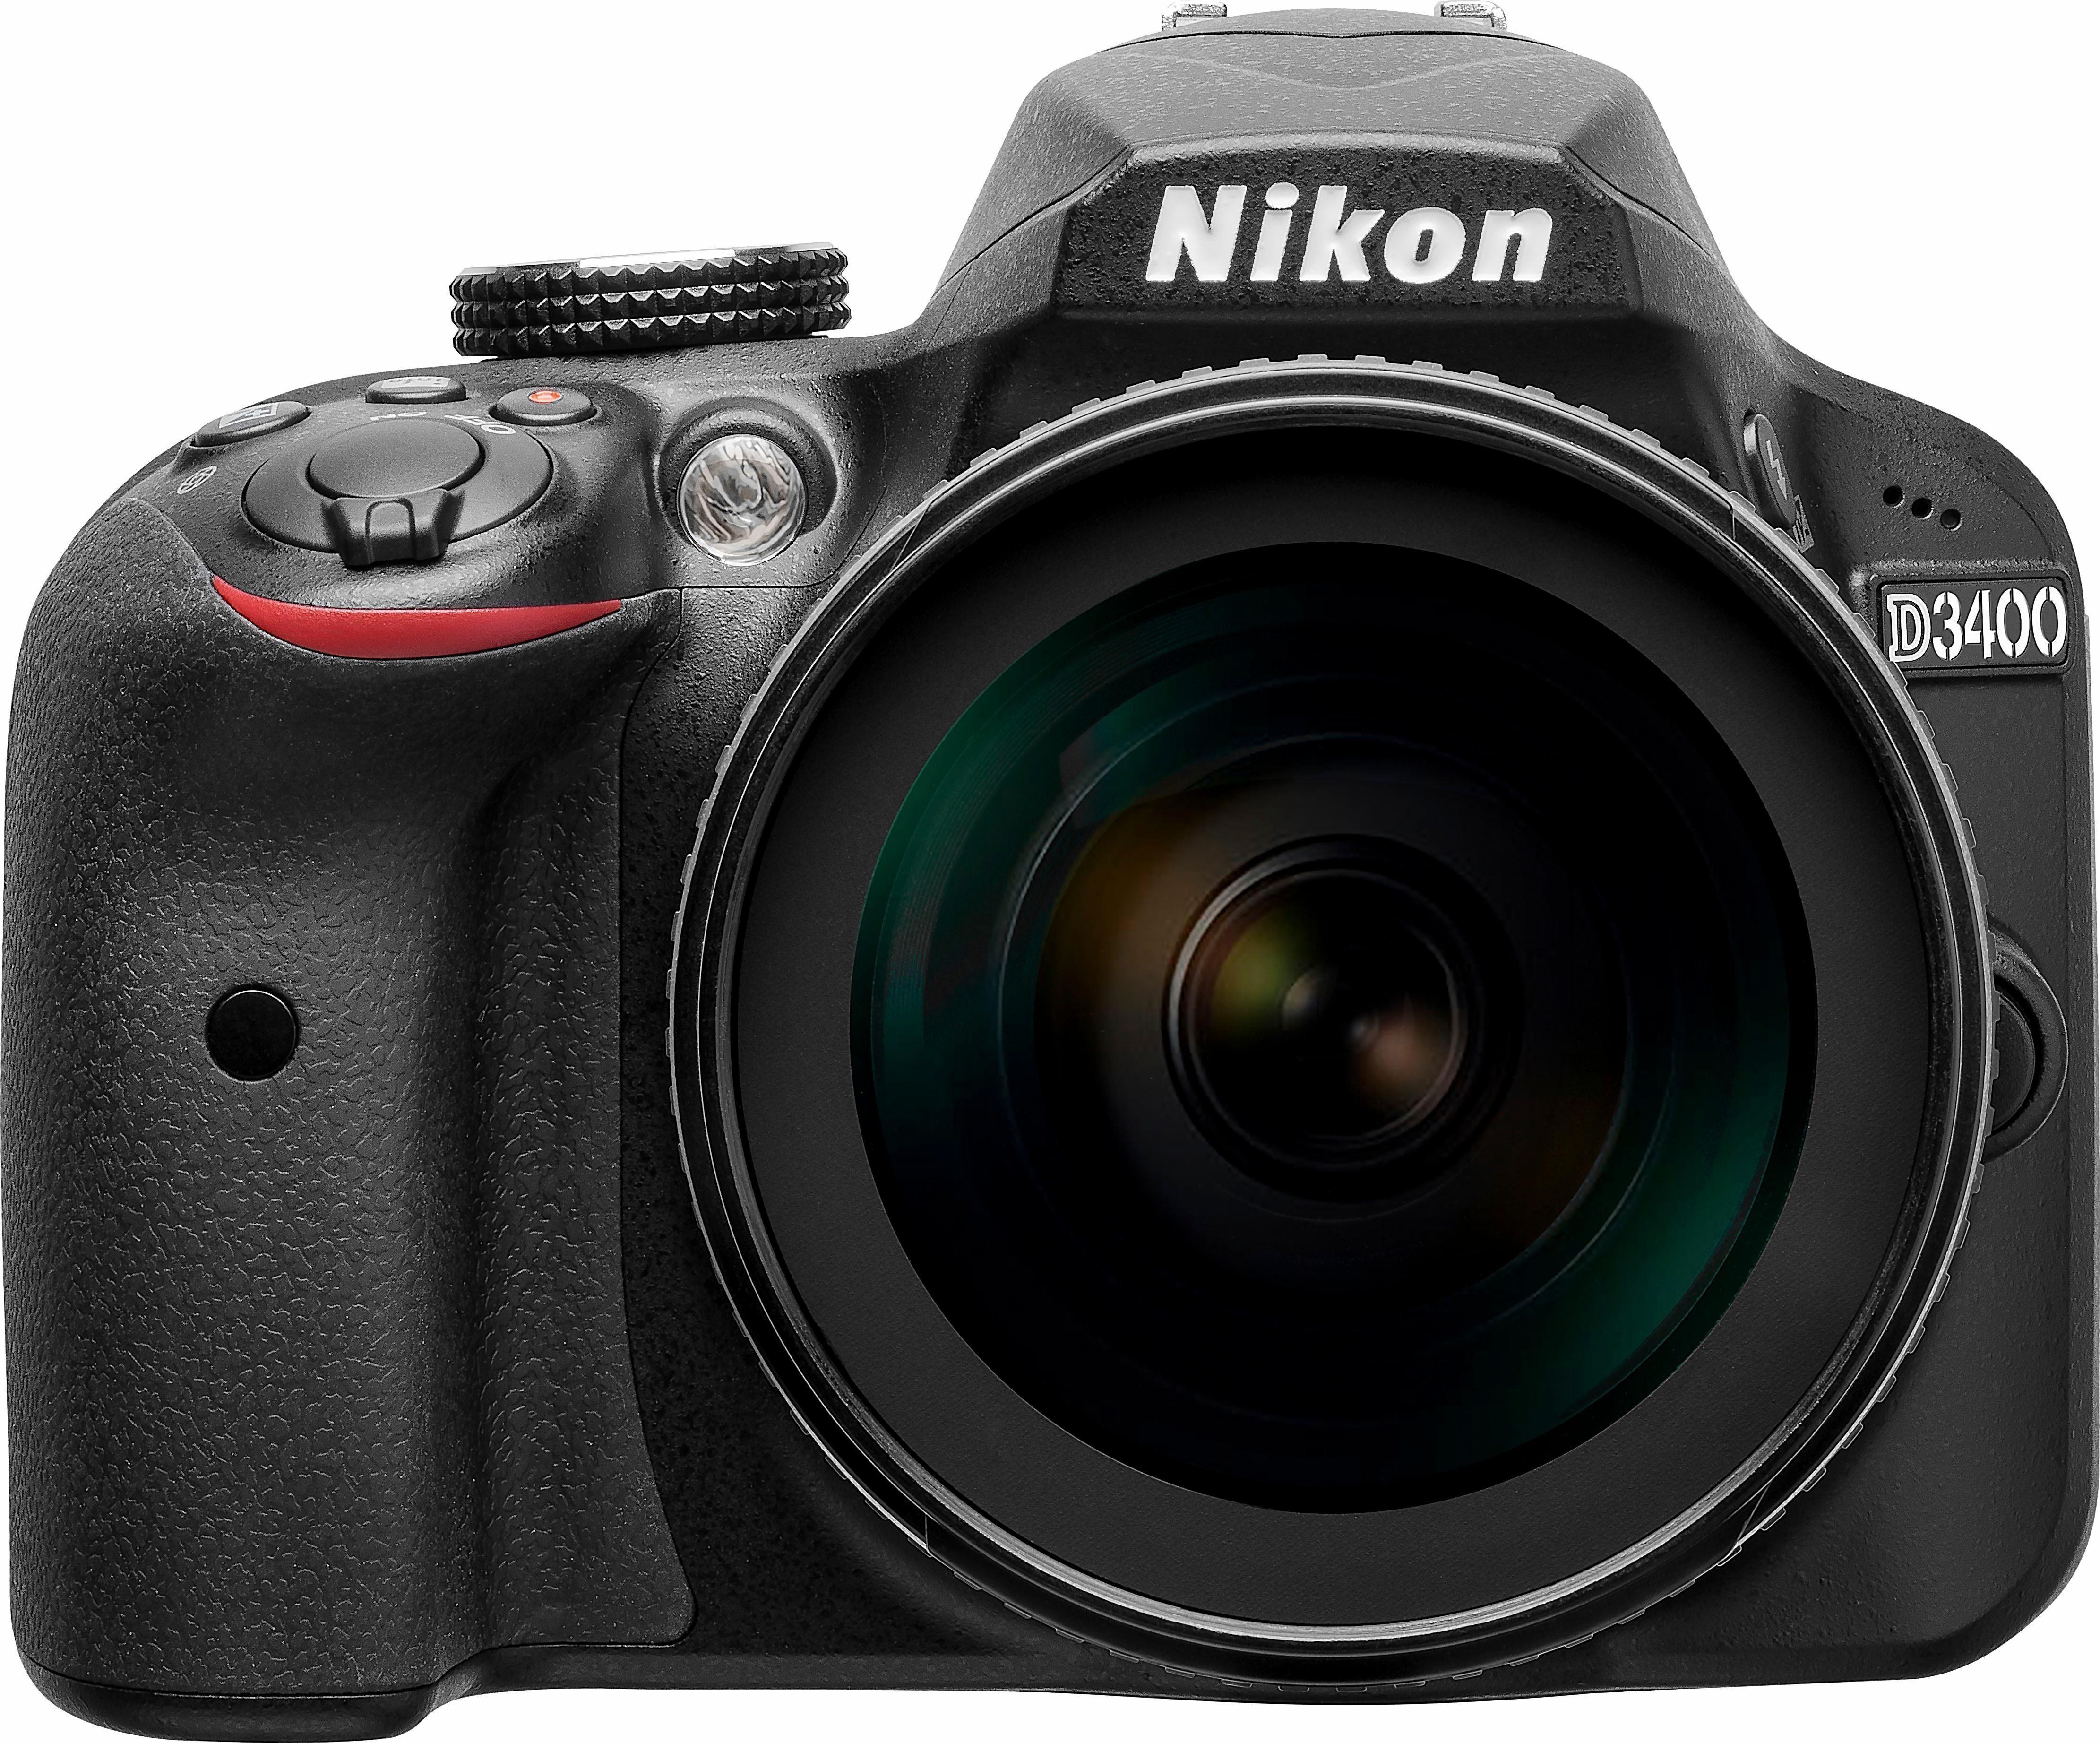 Nikon D3400 Kit AF-S 18-105 VR Spiegelreflex Kamera, AF-S 18-105 VR Zoom, 24,2 Megapixel